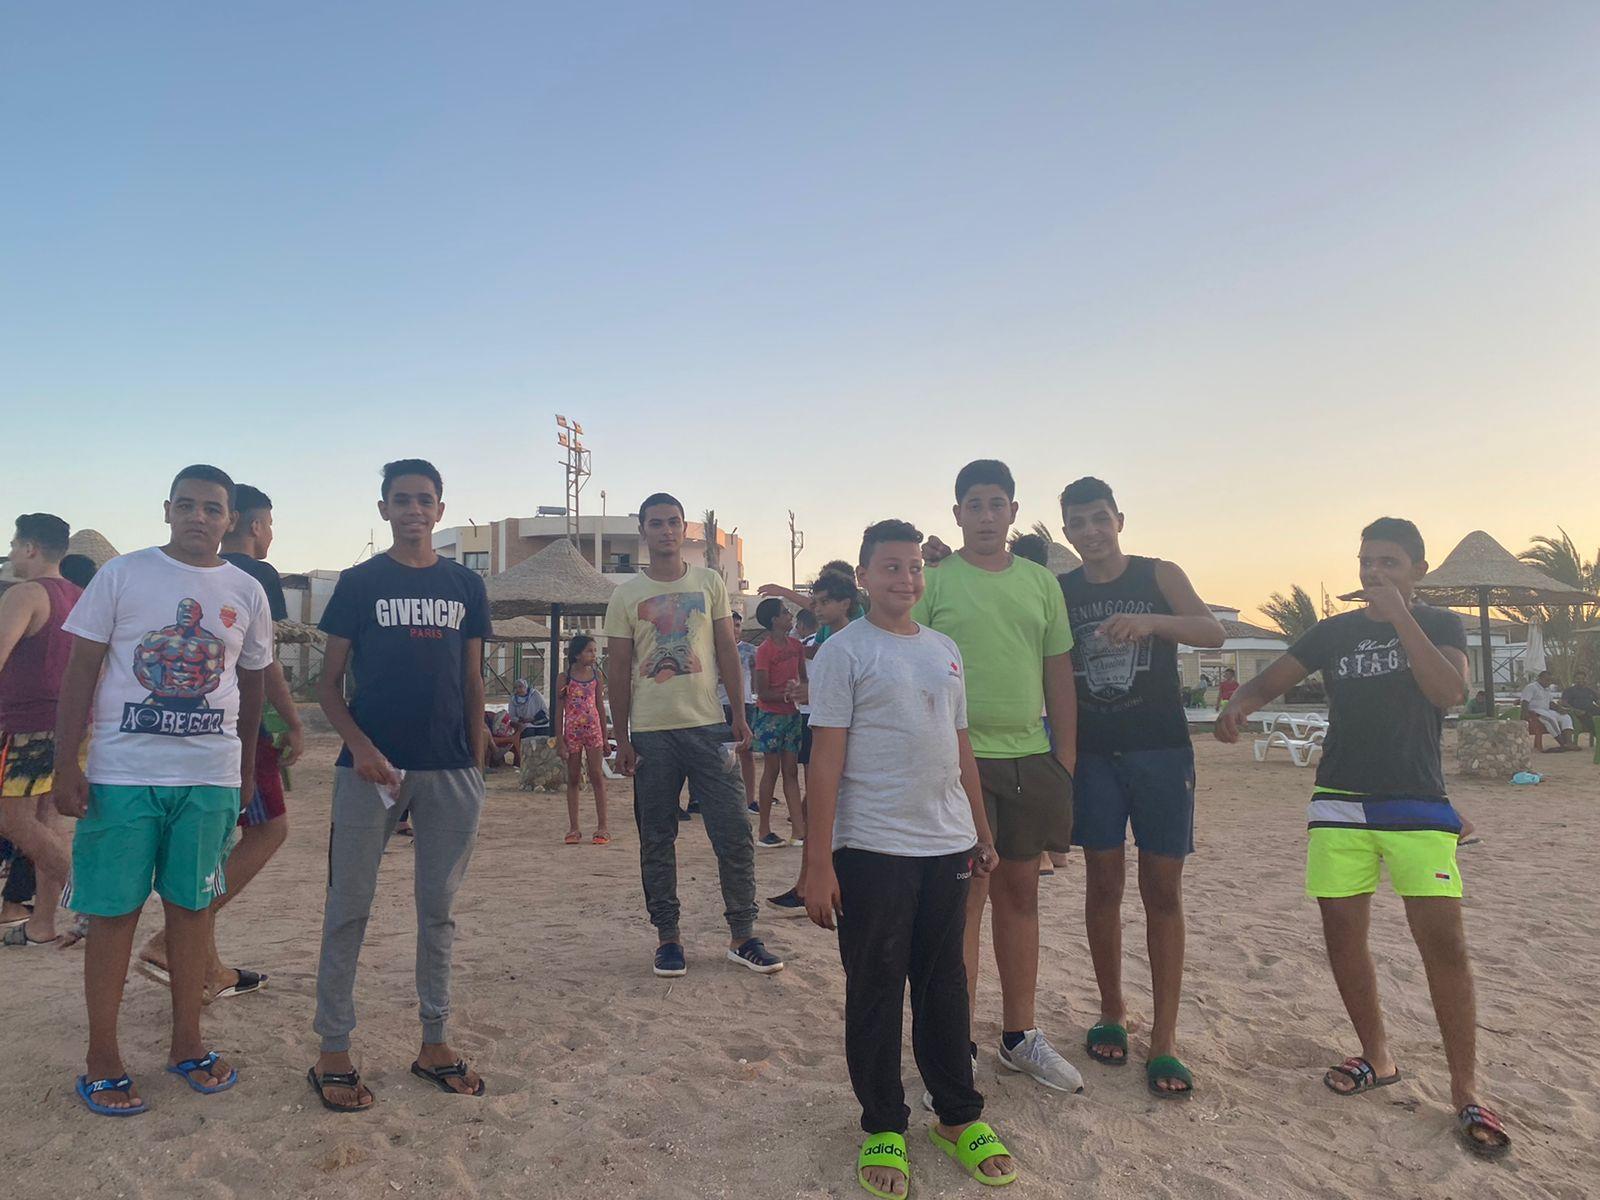 معسكر الطلائع للمحافظات بمدينة الغردقة